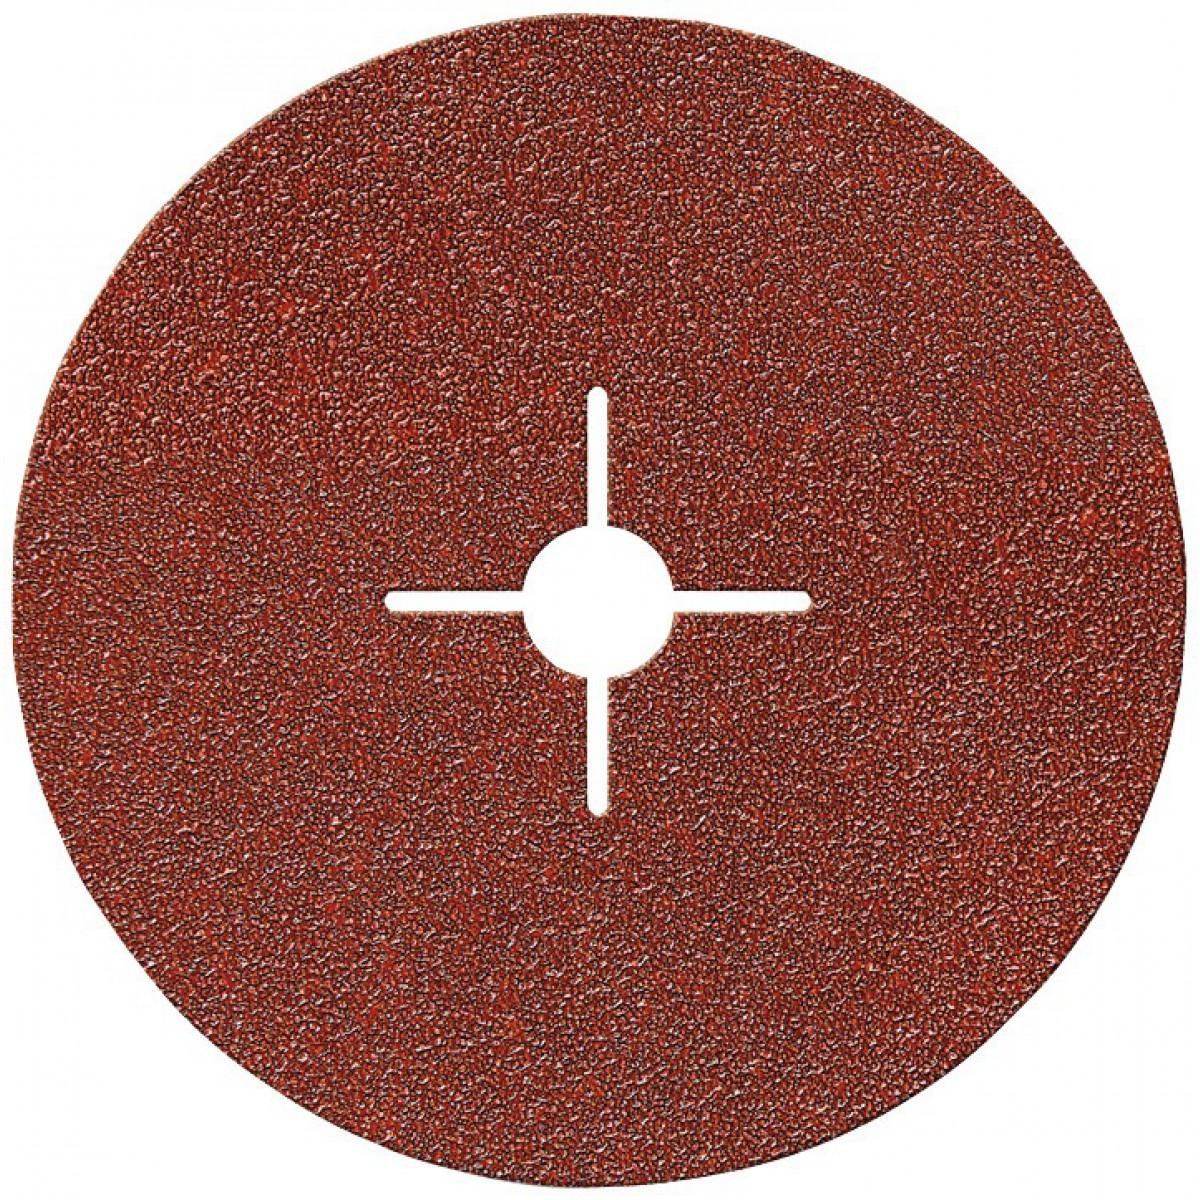 Disque alésage étoilé diamètre 12 mm SCID - Grain 40 - Diamètre 125 mm - Vendu par 5